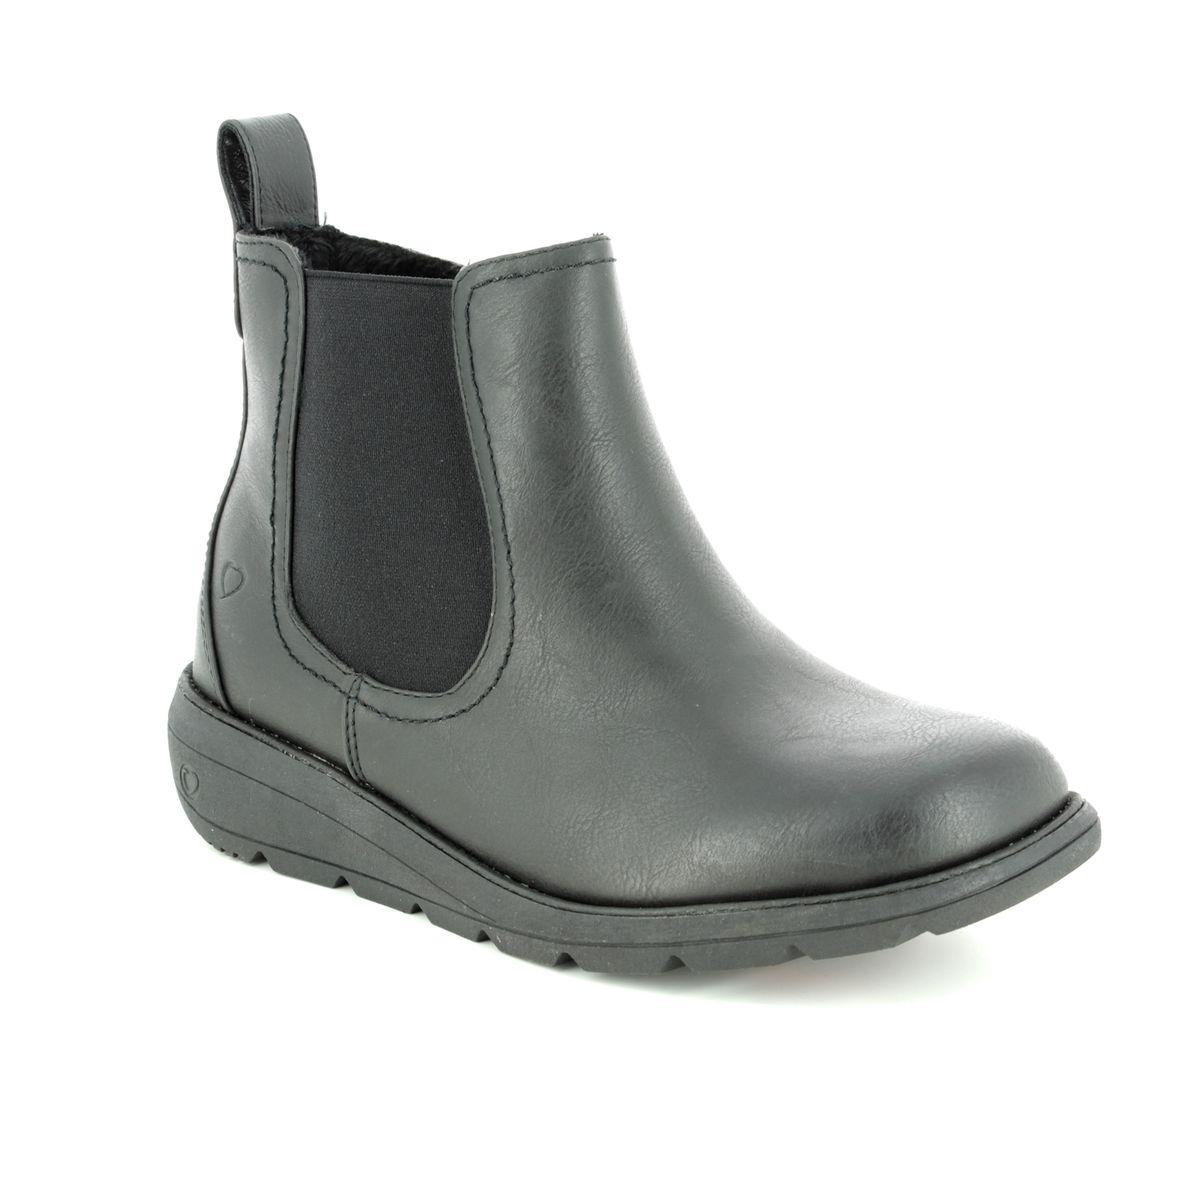 8d5e934c789 Heavenly Feet Chelsea Boots - Black - 8502 30 ROLO 2